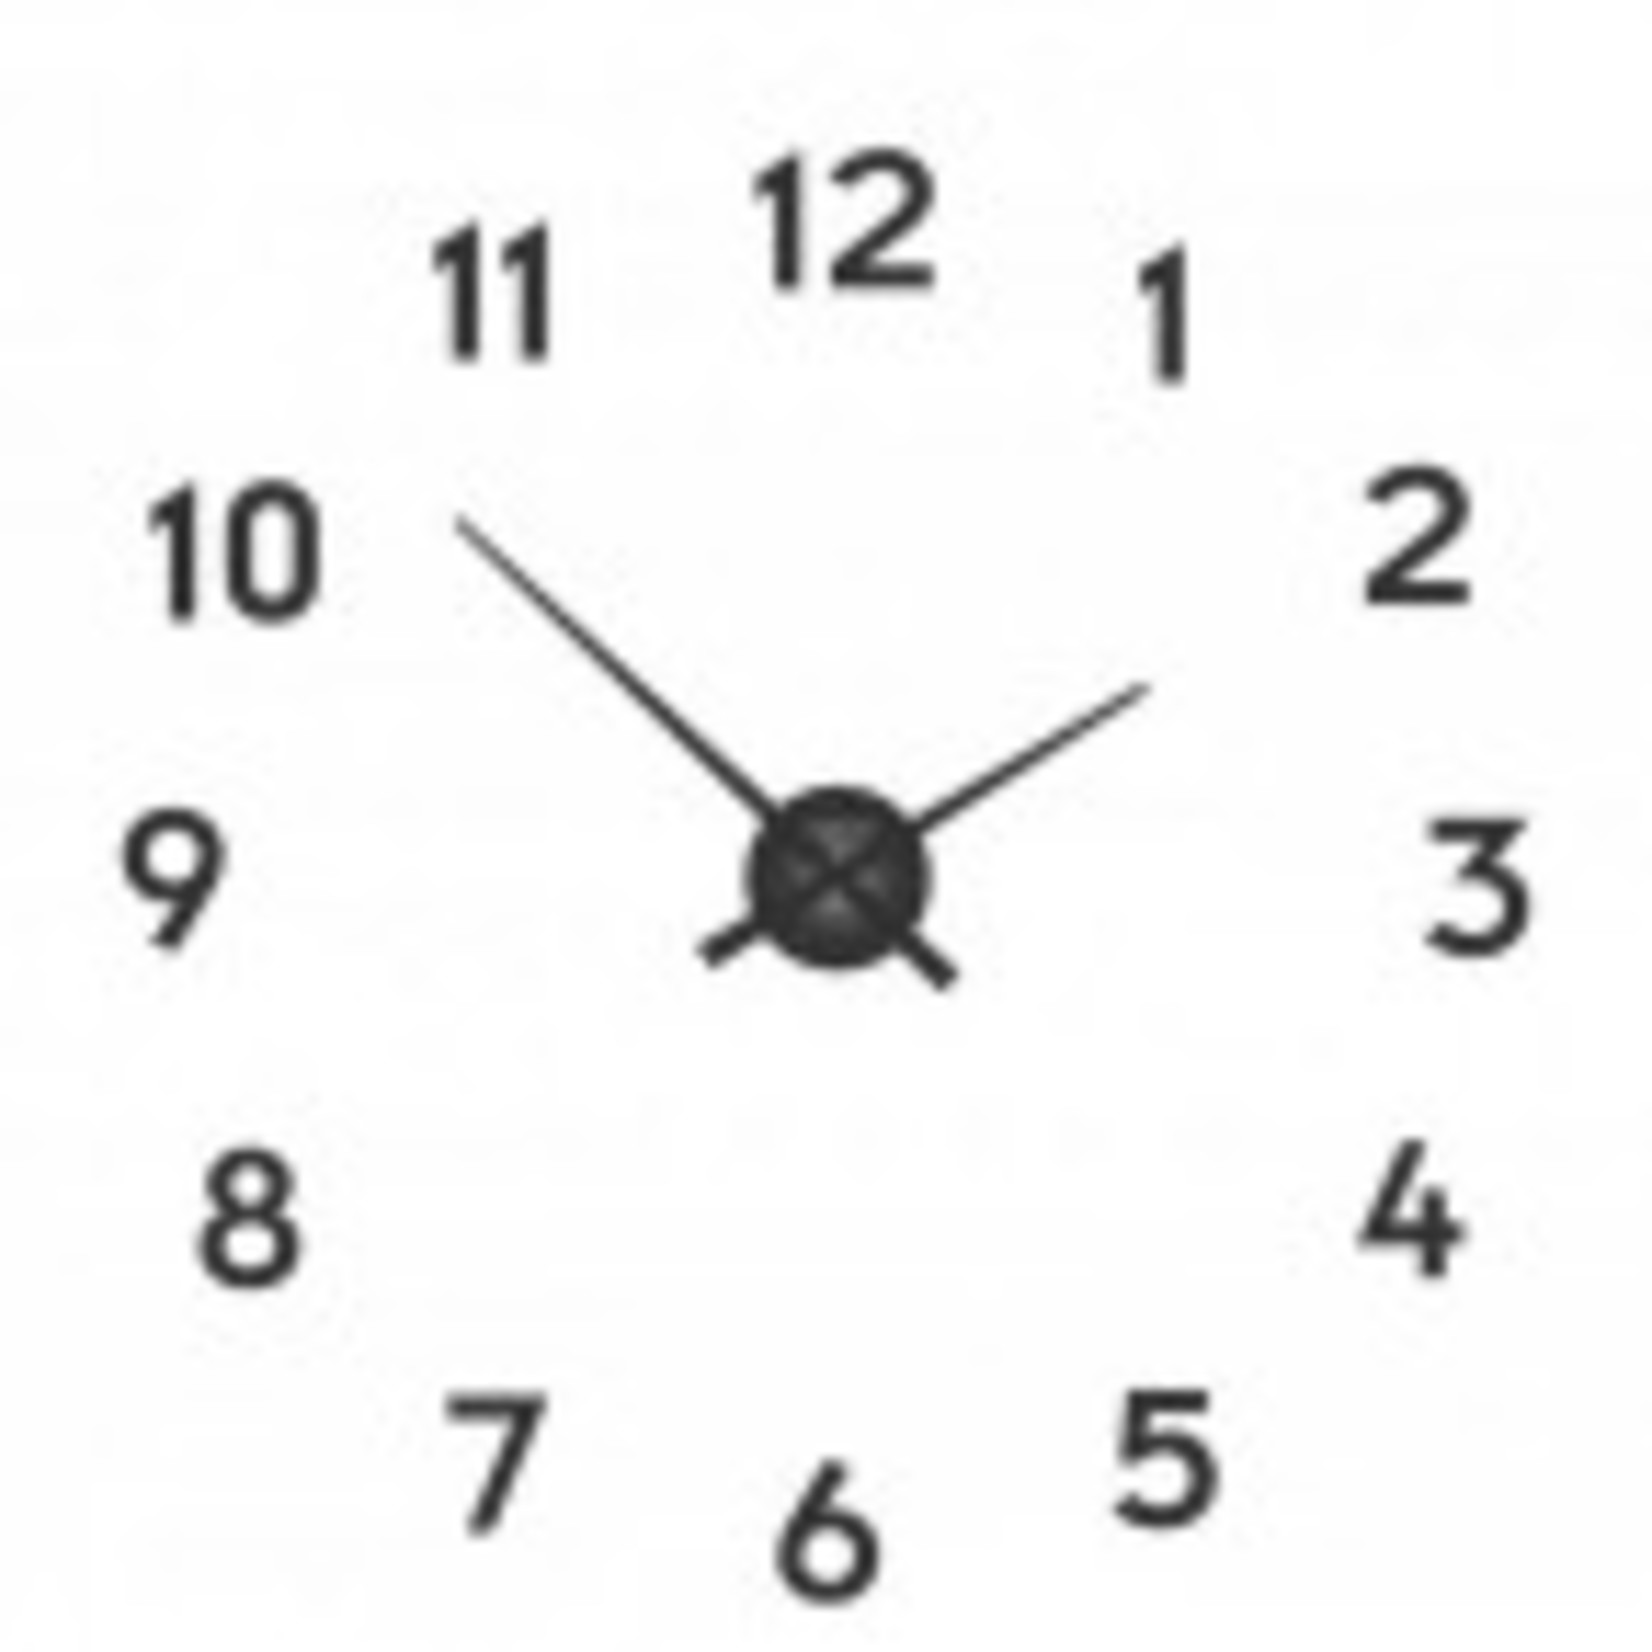 Nextime De NeXtime Wandklok Small Hands is veelzijdig en minimalistisch. Deze eigentijdse klok heeft een eenvoudig en opvallend design. Met de opplakcijfers kun je zelf de diameter bepalen en geef je een eigen stempel aan het ontwerp van de klok. De mogelijkheden